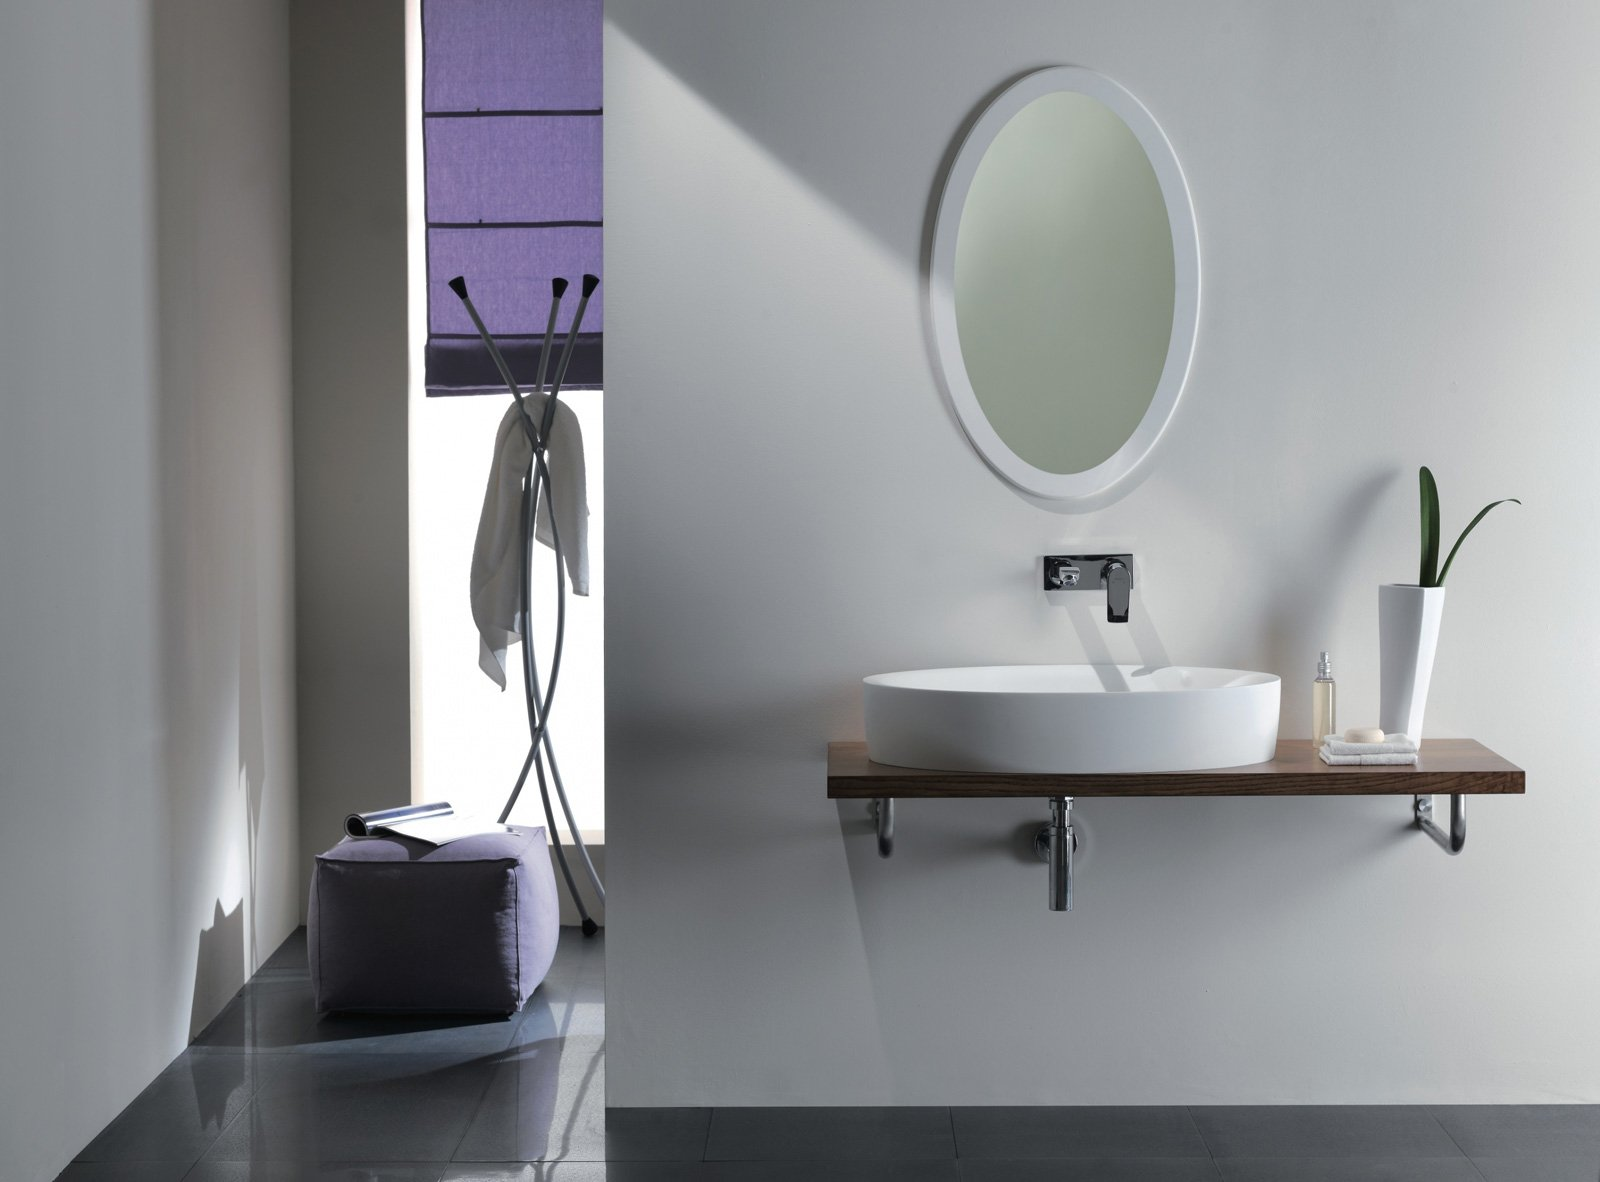 Lampada Sopra Specchio Bagno specchi sopra il lavabo - cose di casa